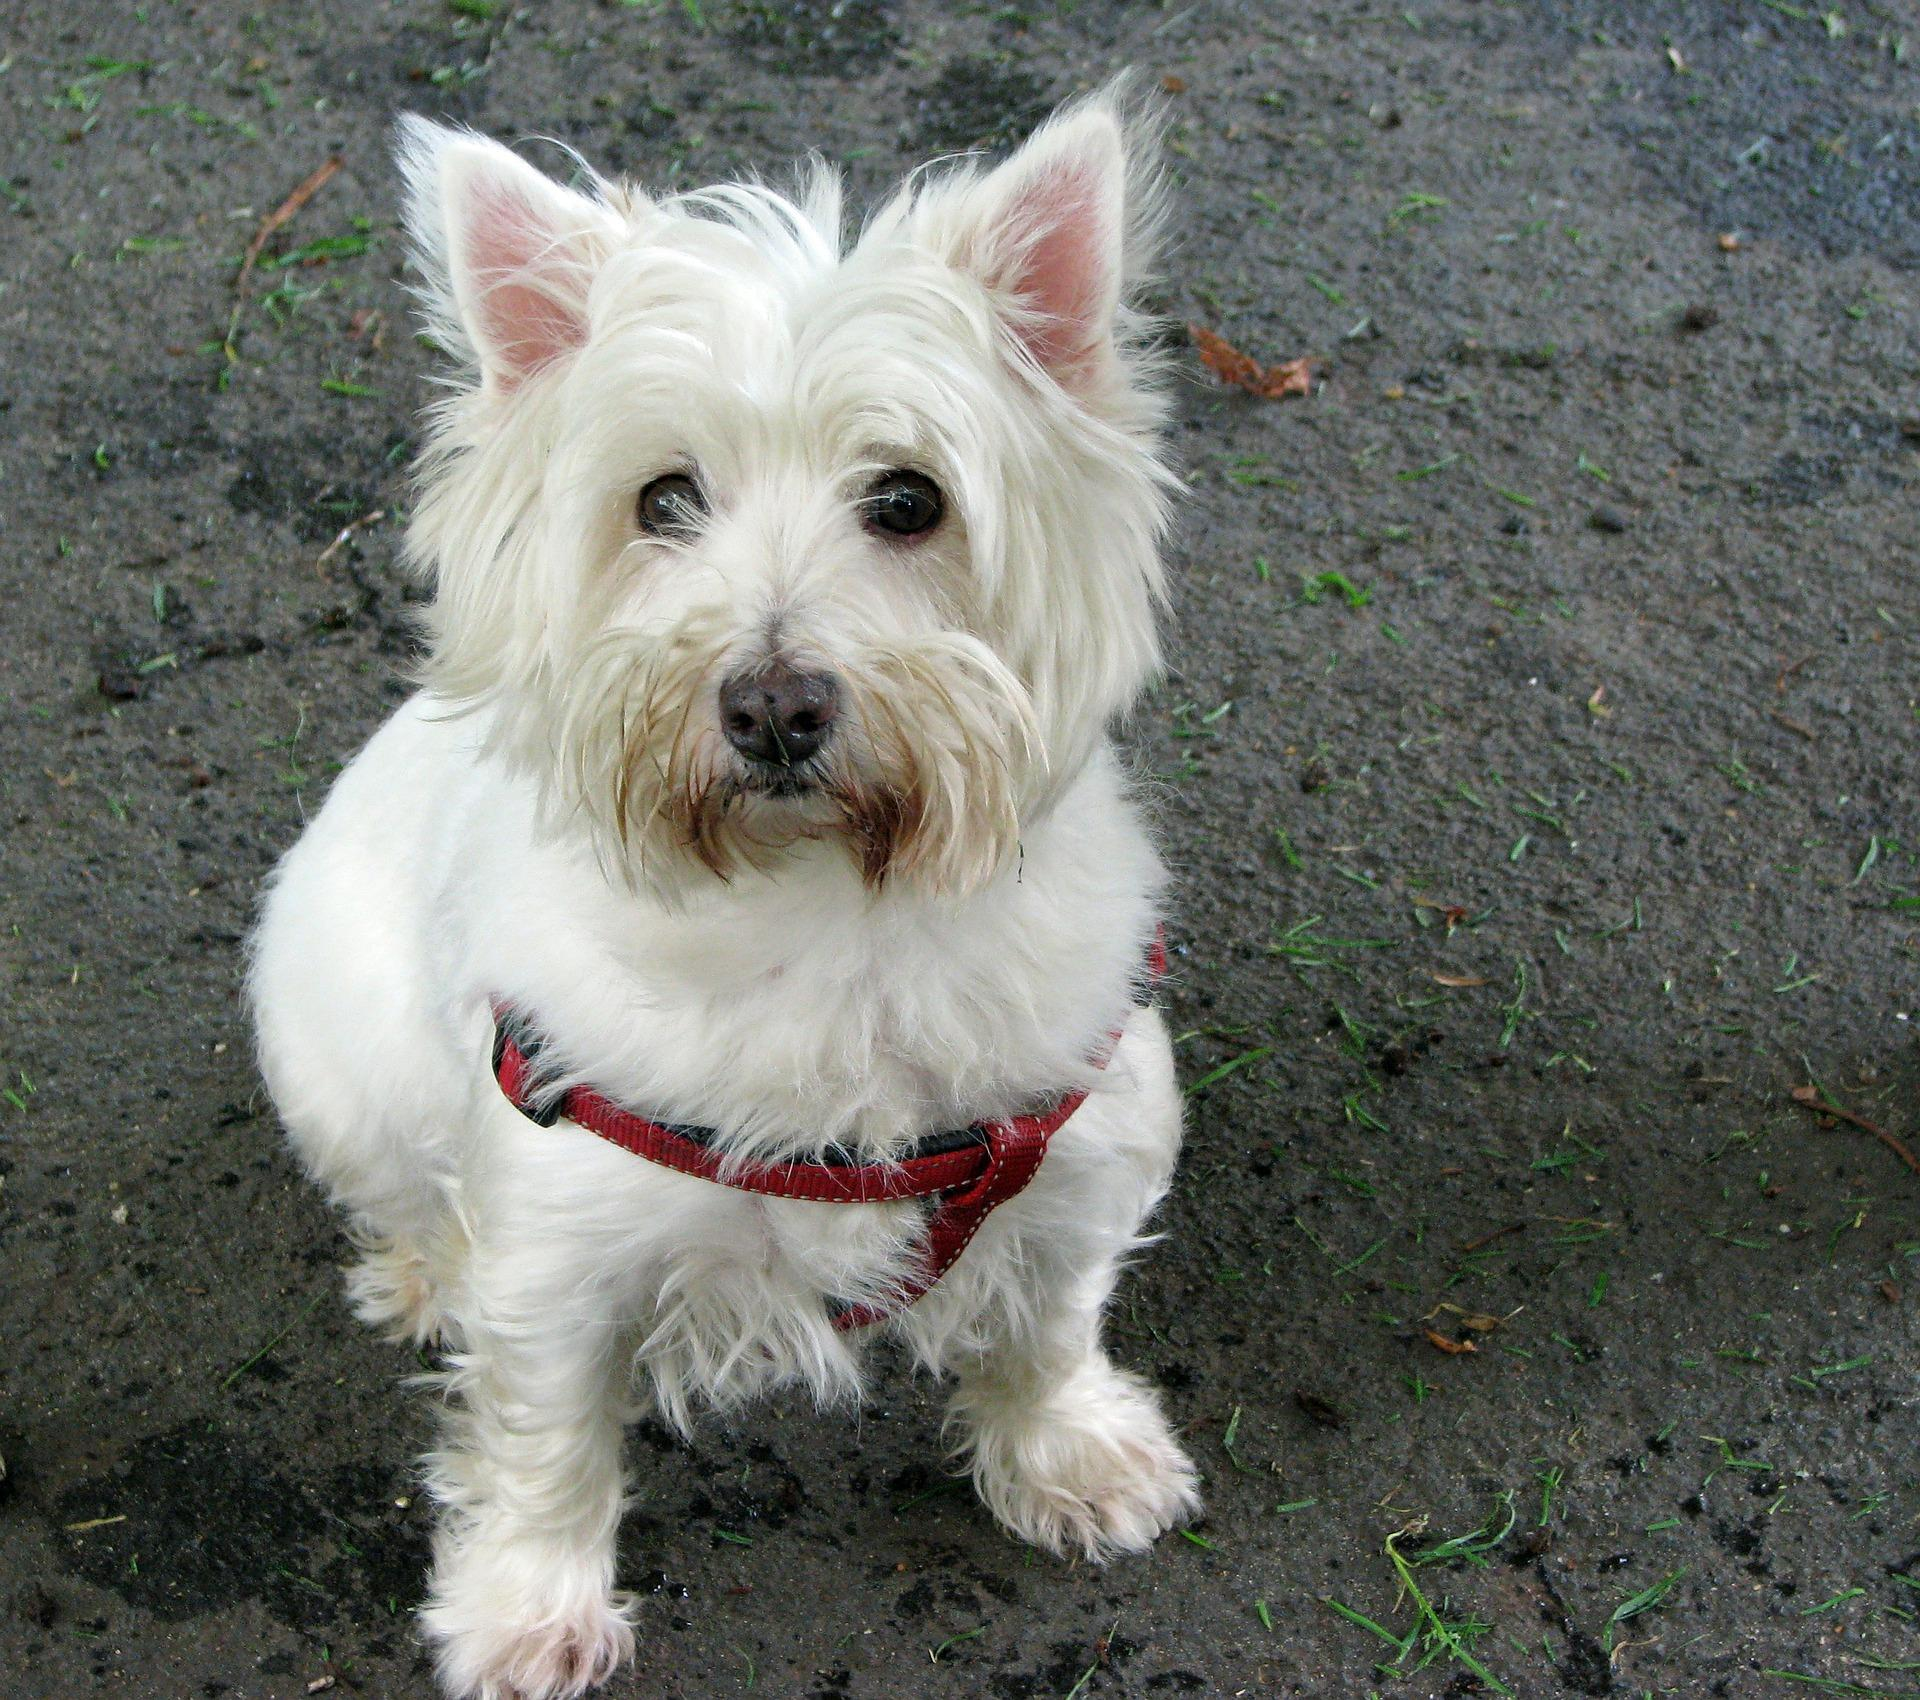 West Highland Terrier / Westie